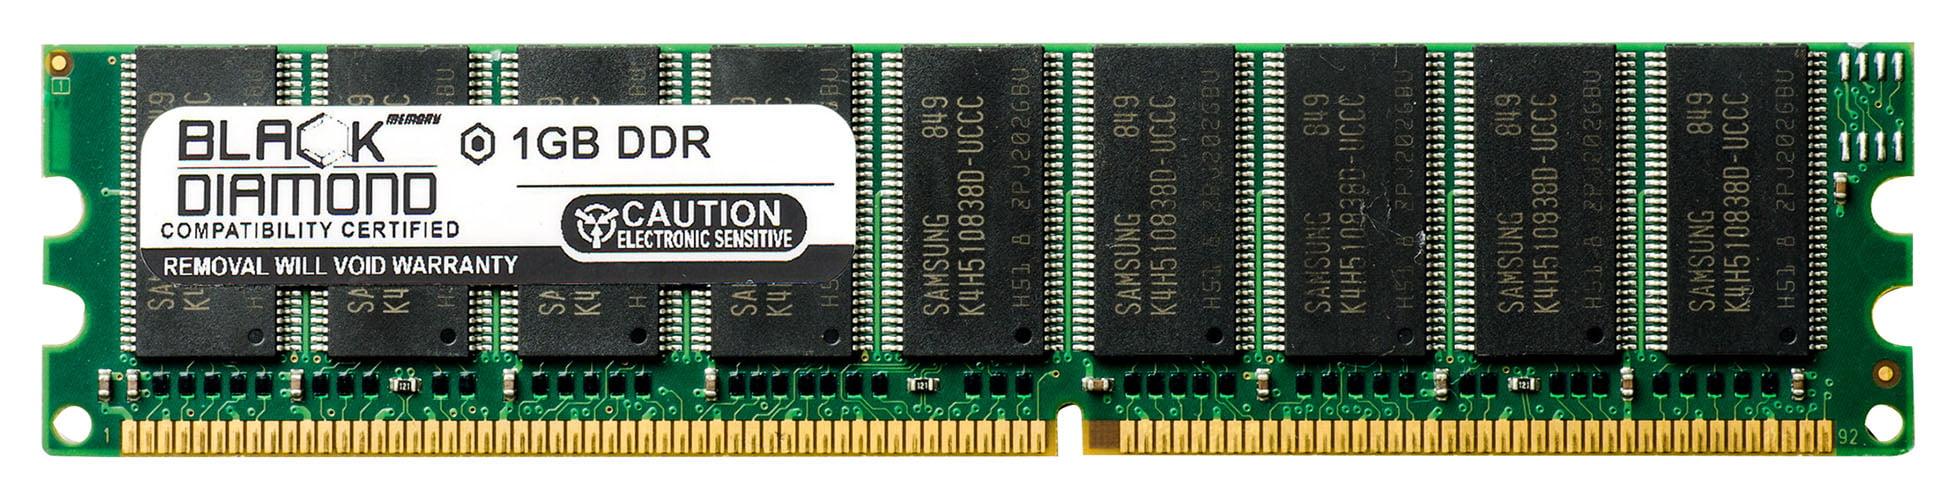 Supermicro P4SCA / P4SCE Drivers PC